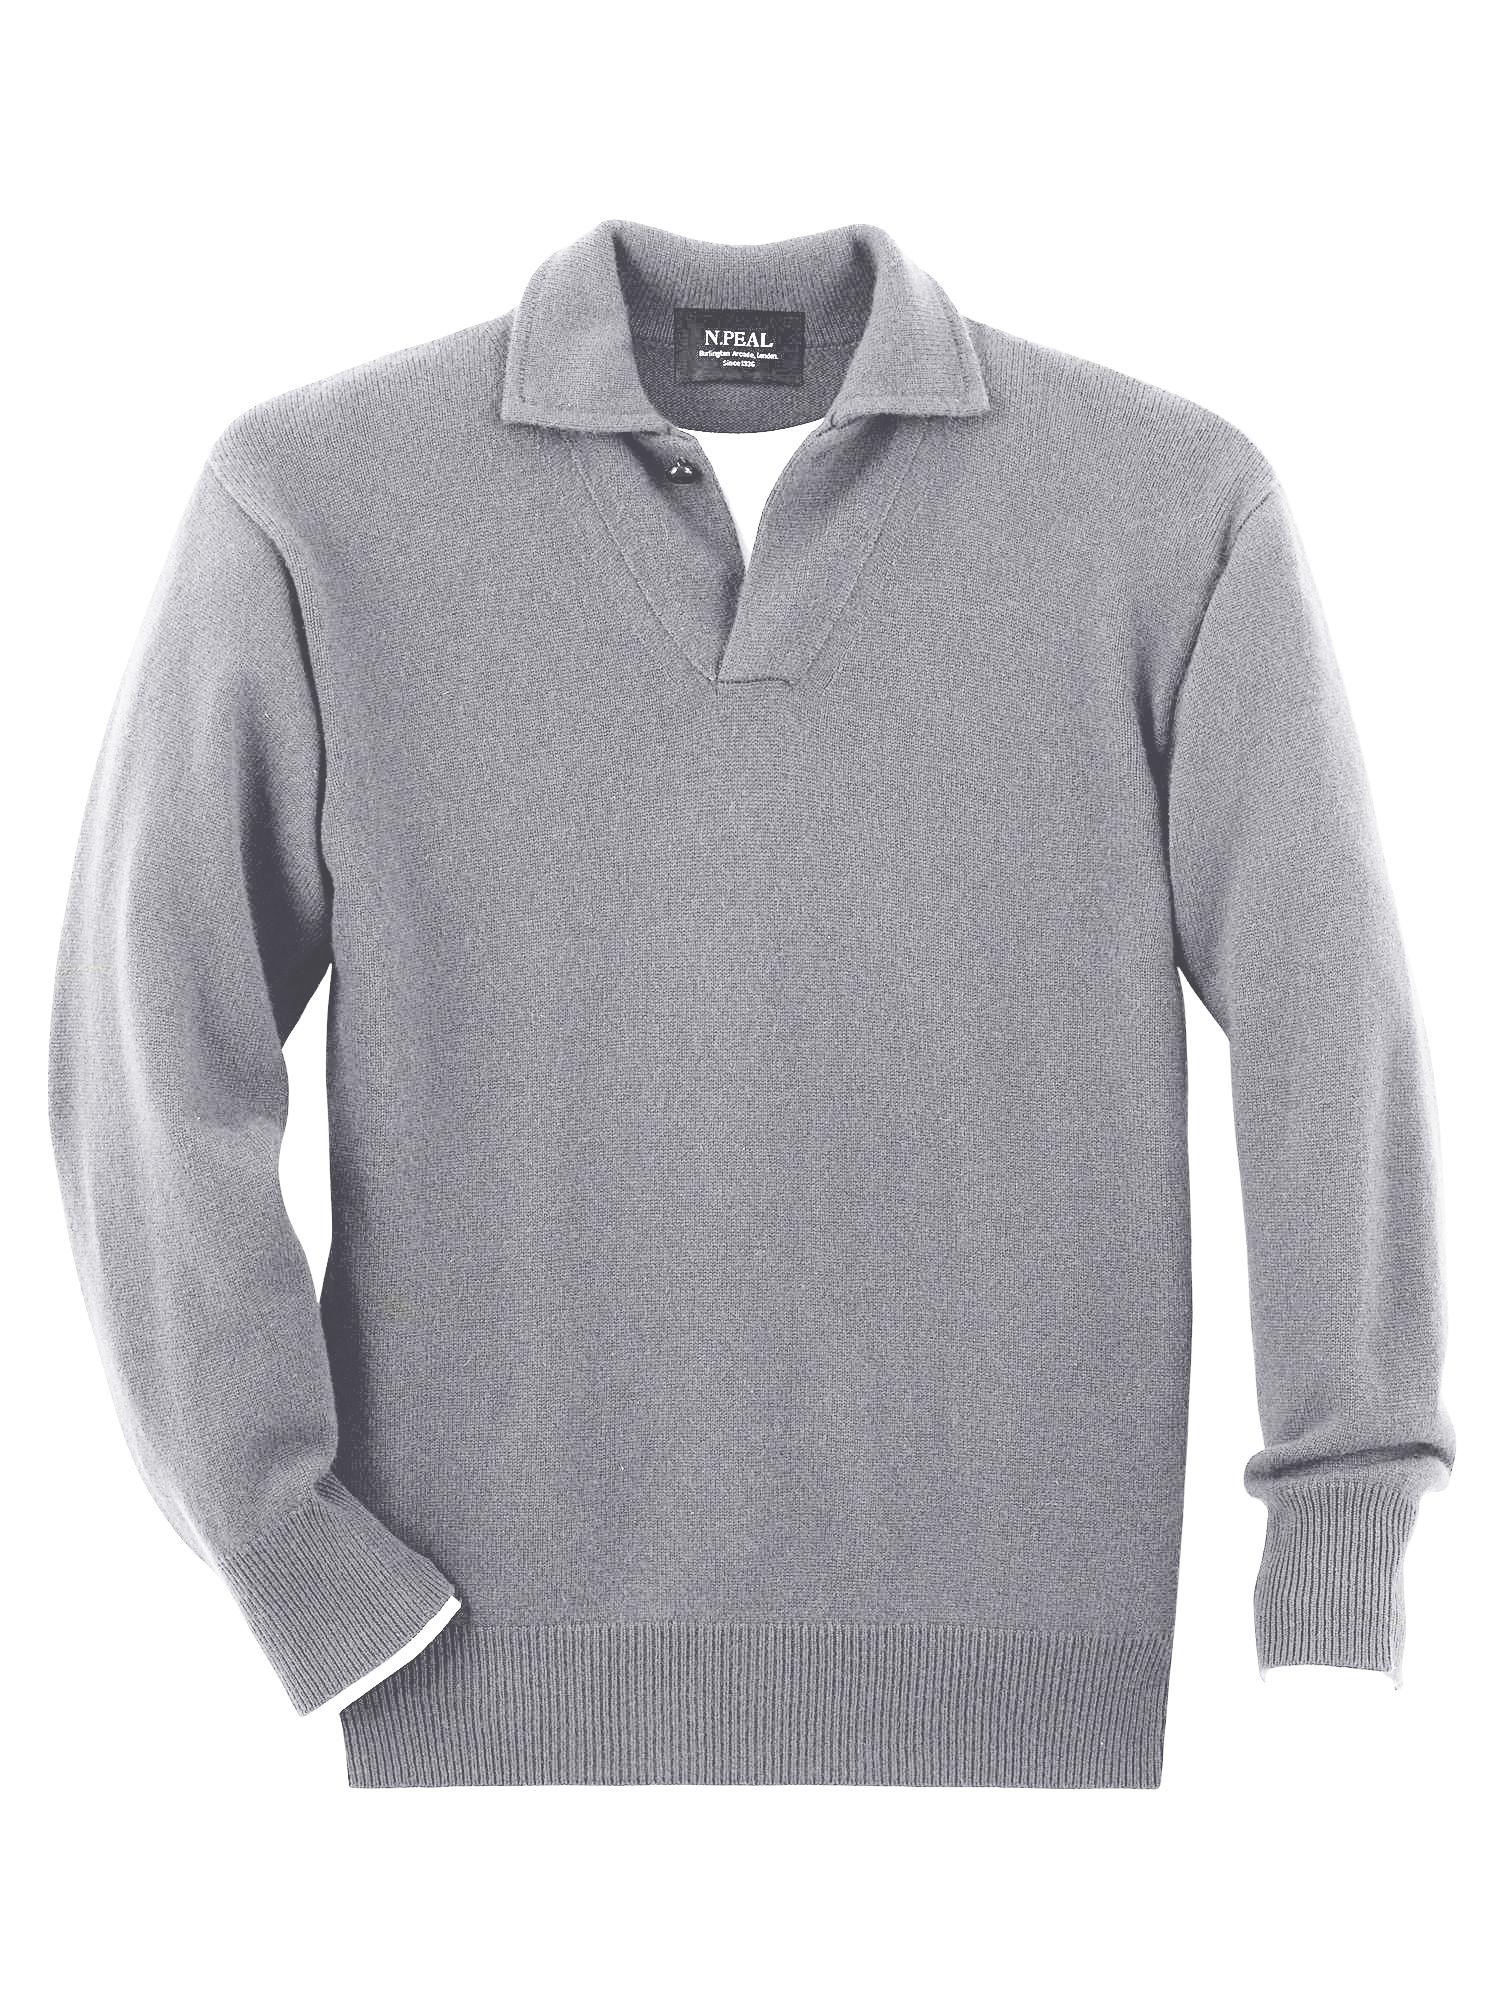 b3e0eca0888 Sportovní šedý svetr N.PEAL Sheridan. Klasický antracitový cardigan ...